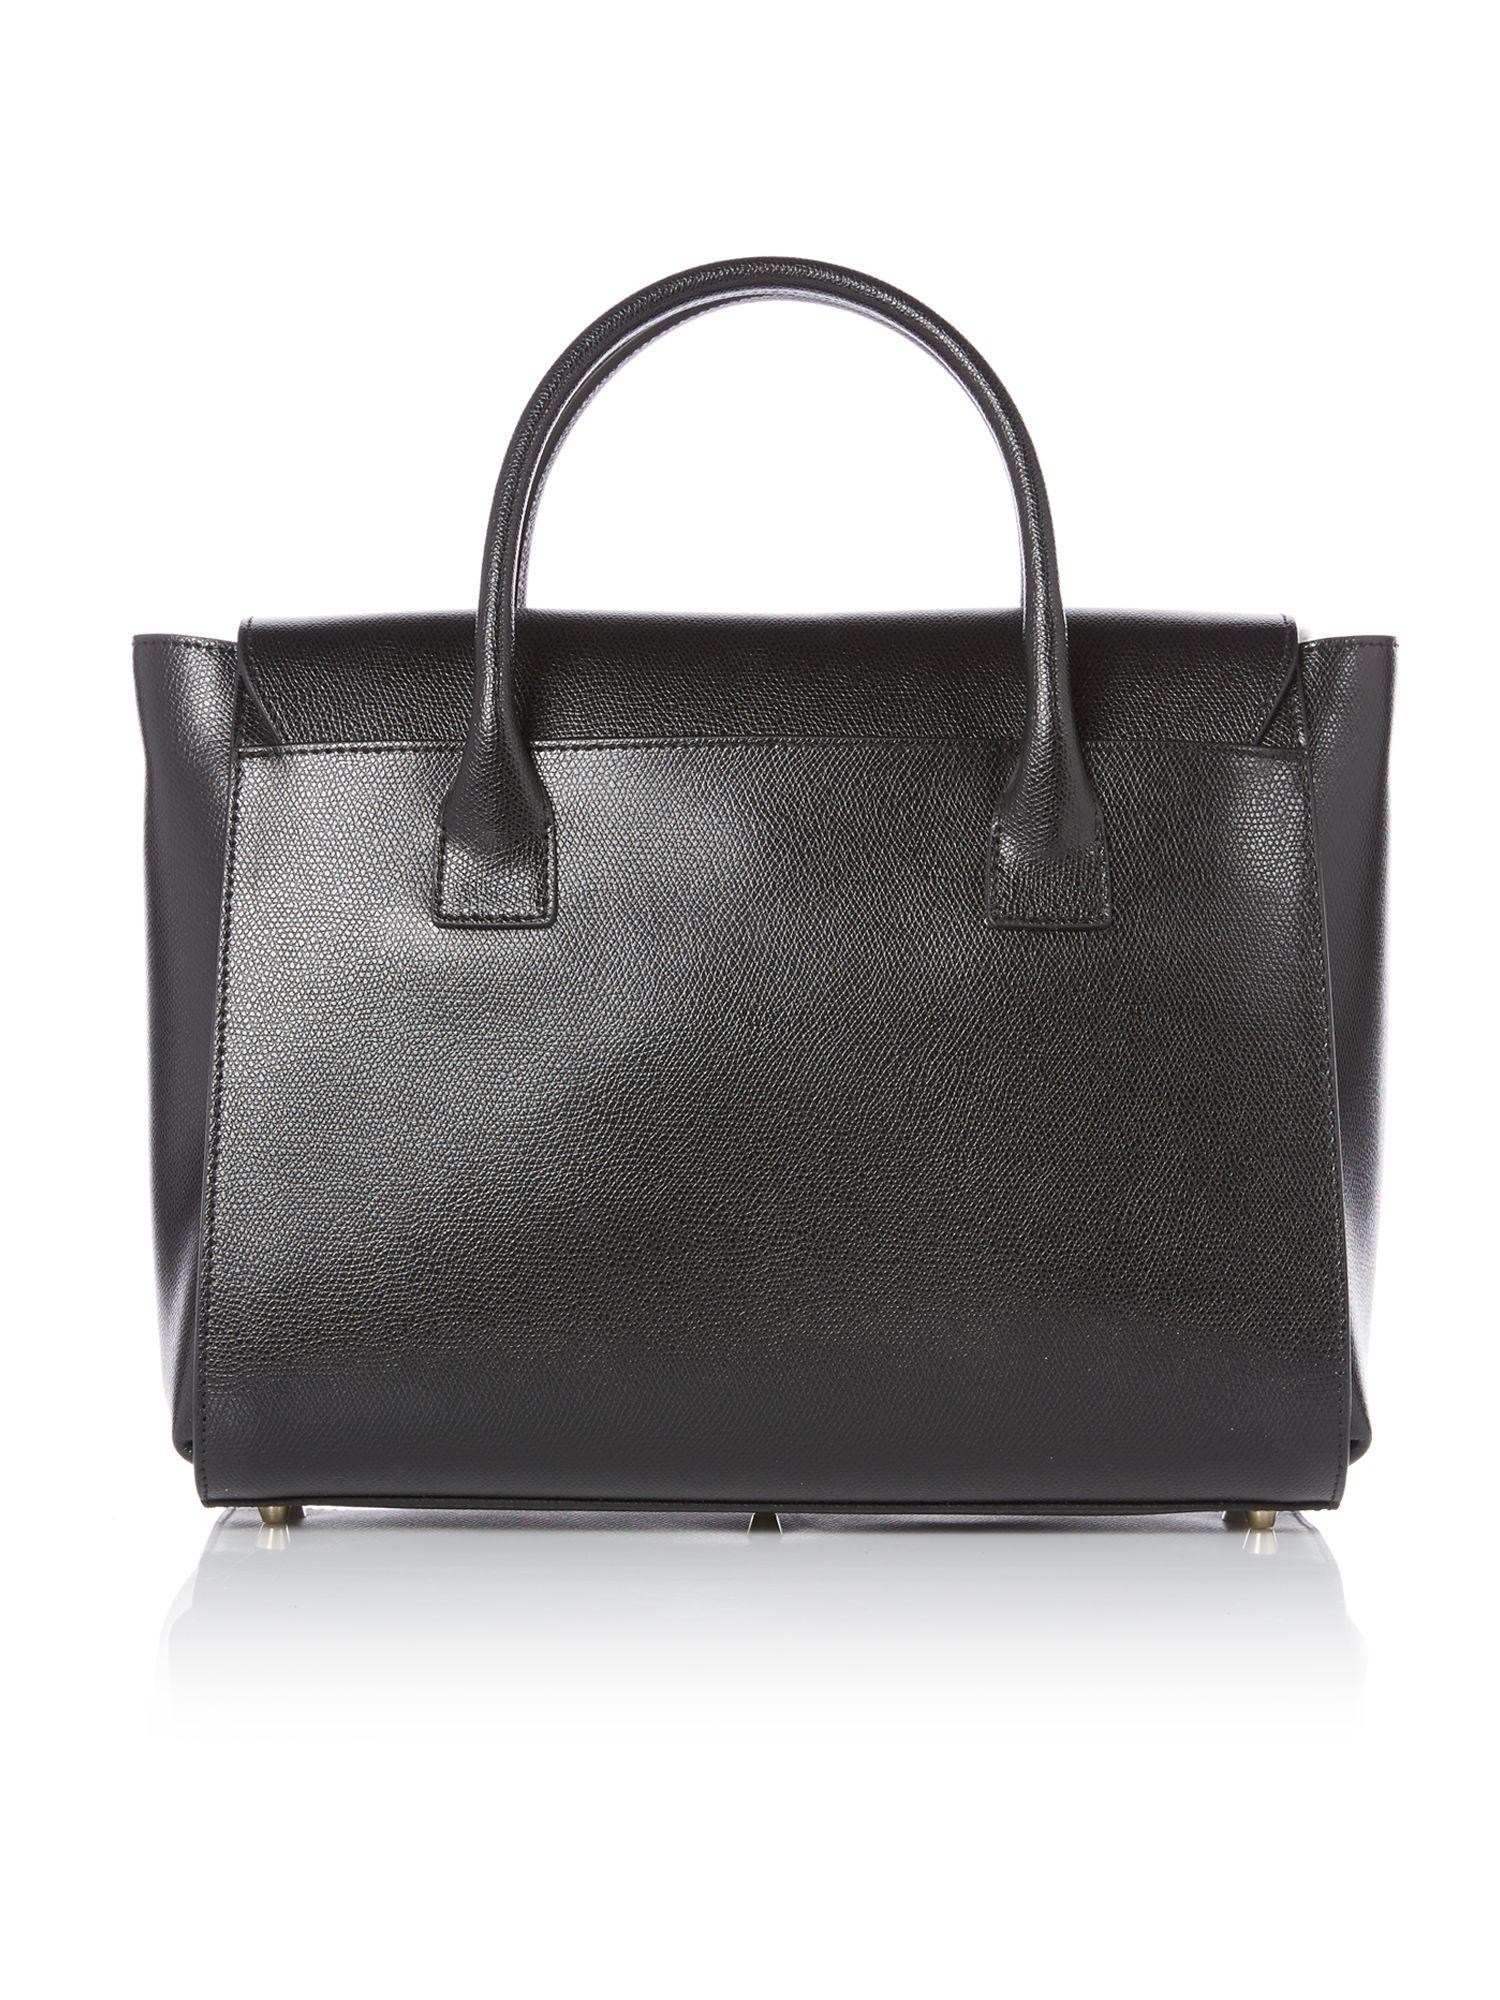 Furla Metropolis Black Satchel Bag in Black | Lyst